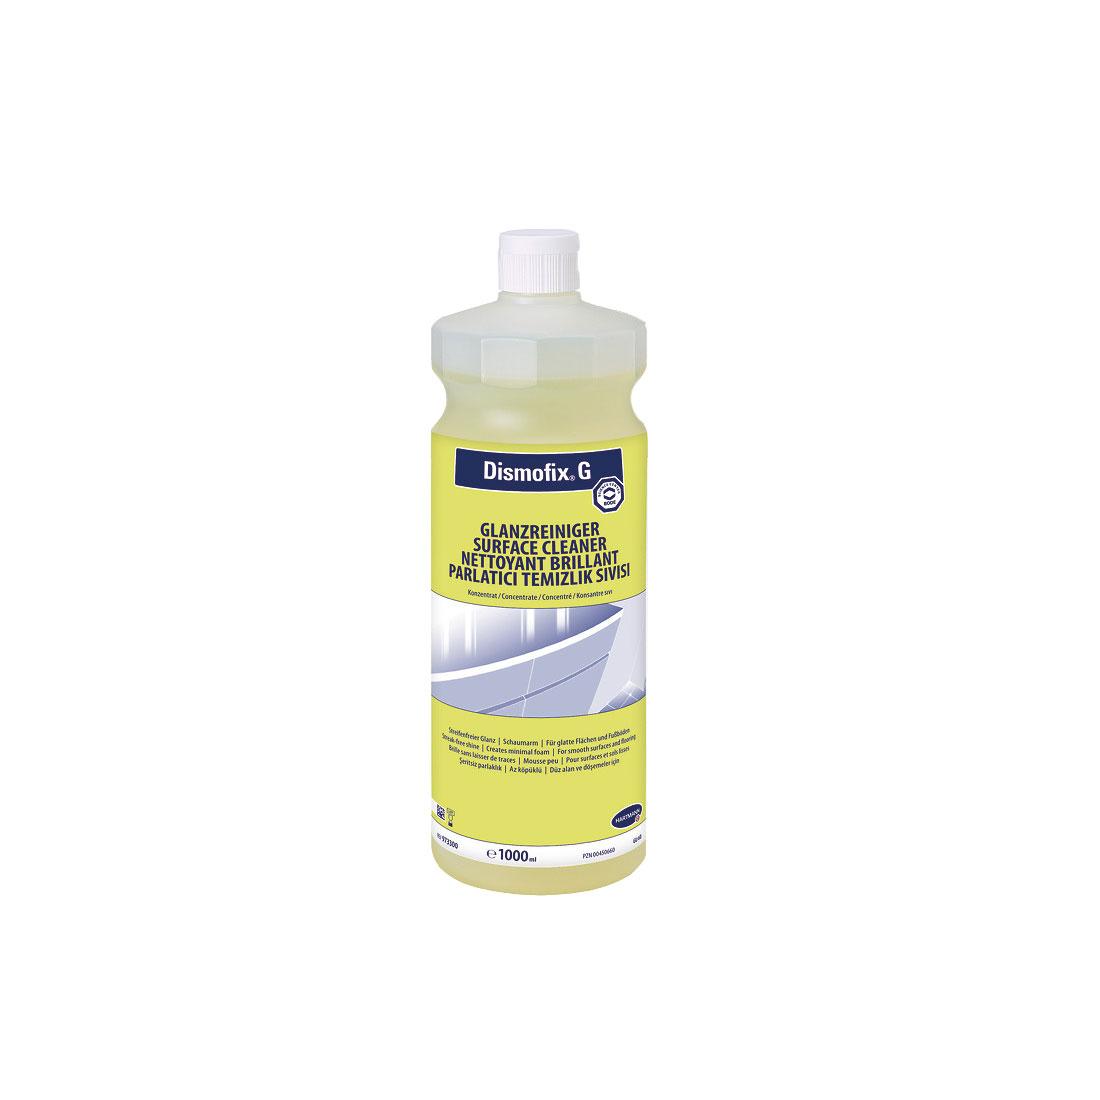 Dismofix® G, 1 Liter Flasche